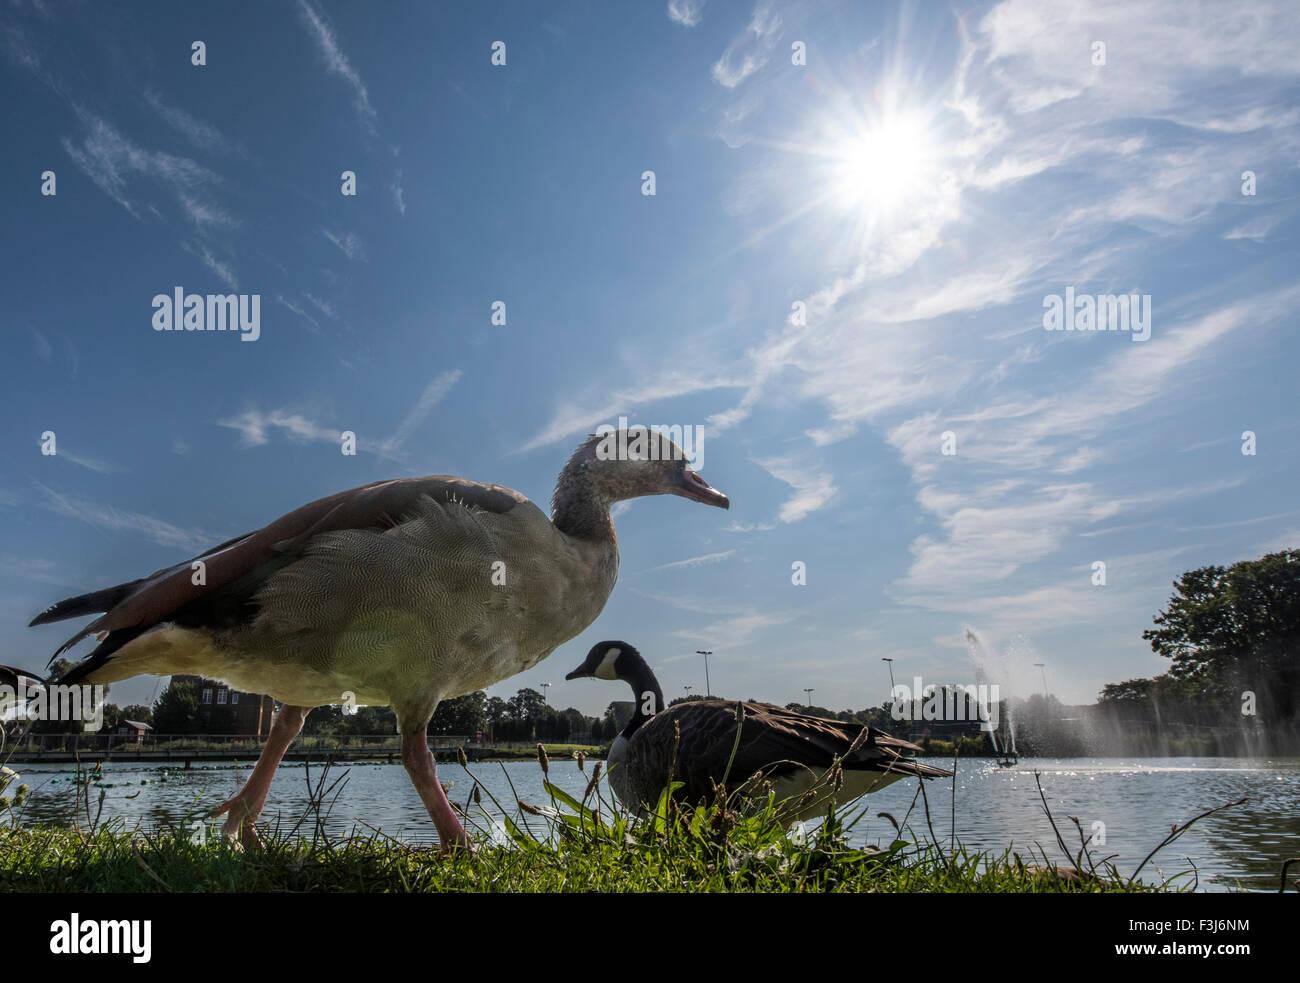 Tierwelt-Vögel im Park Burgess Park, London, England, Großbritannien, Vereinigtes Königreich, Europa Stockbild